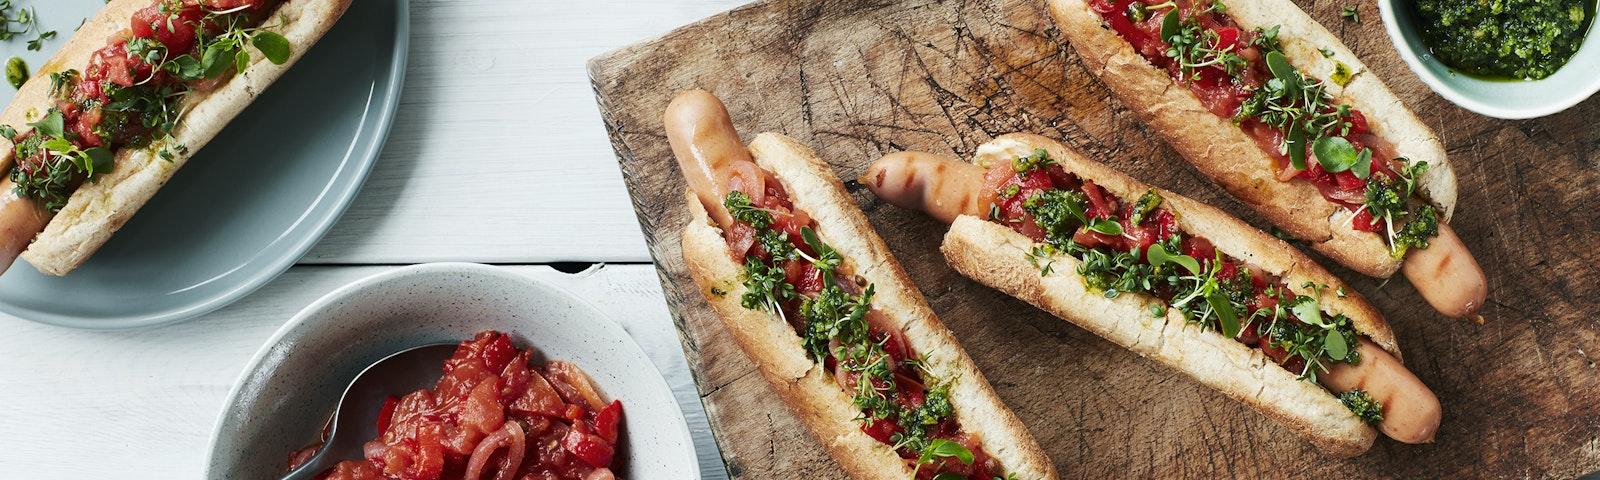 Grillede hotdog med aioli, pesto og syltet peber & rødløg